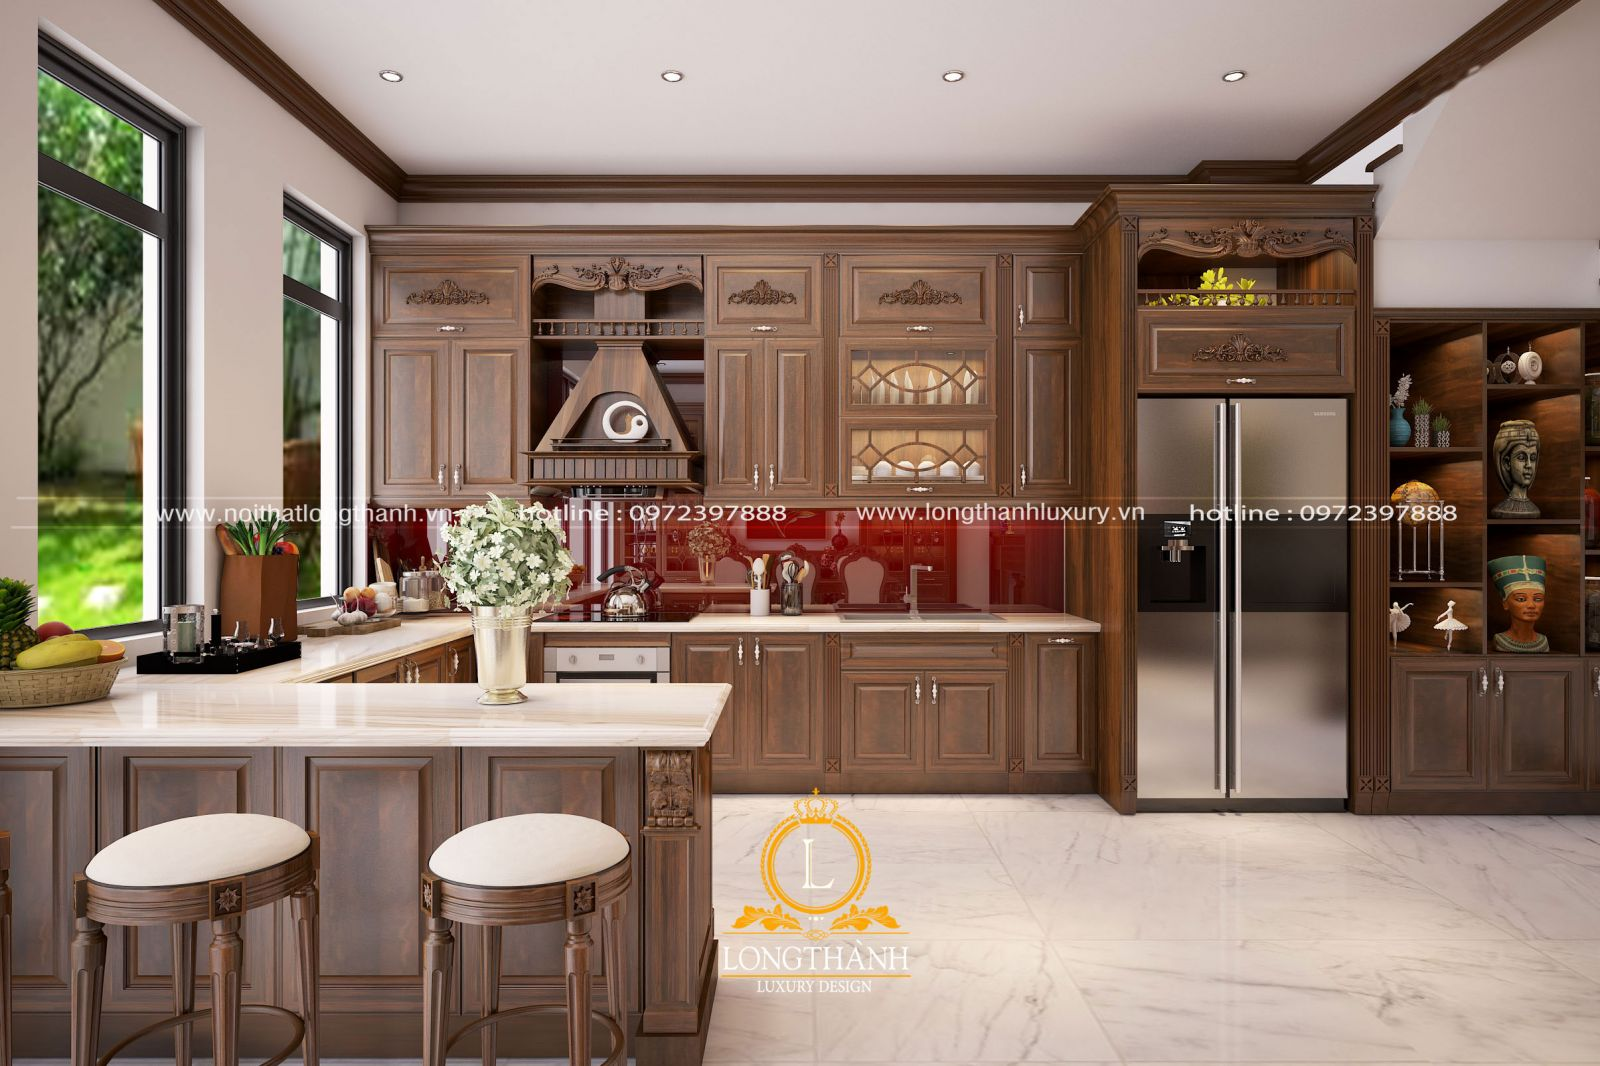 Tủ bếp tân cổ điển chữ L sang trọng